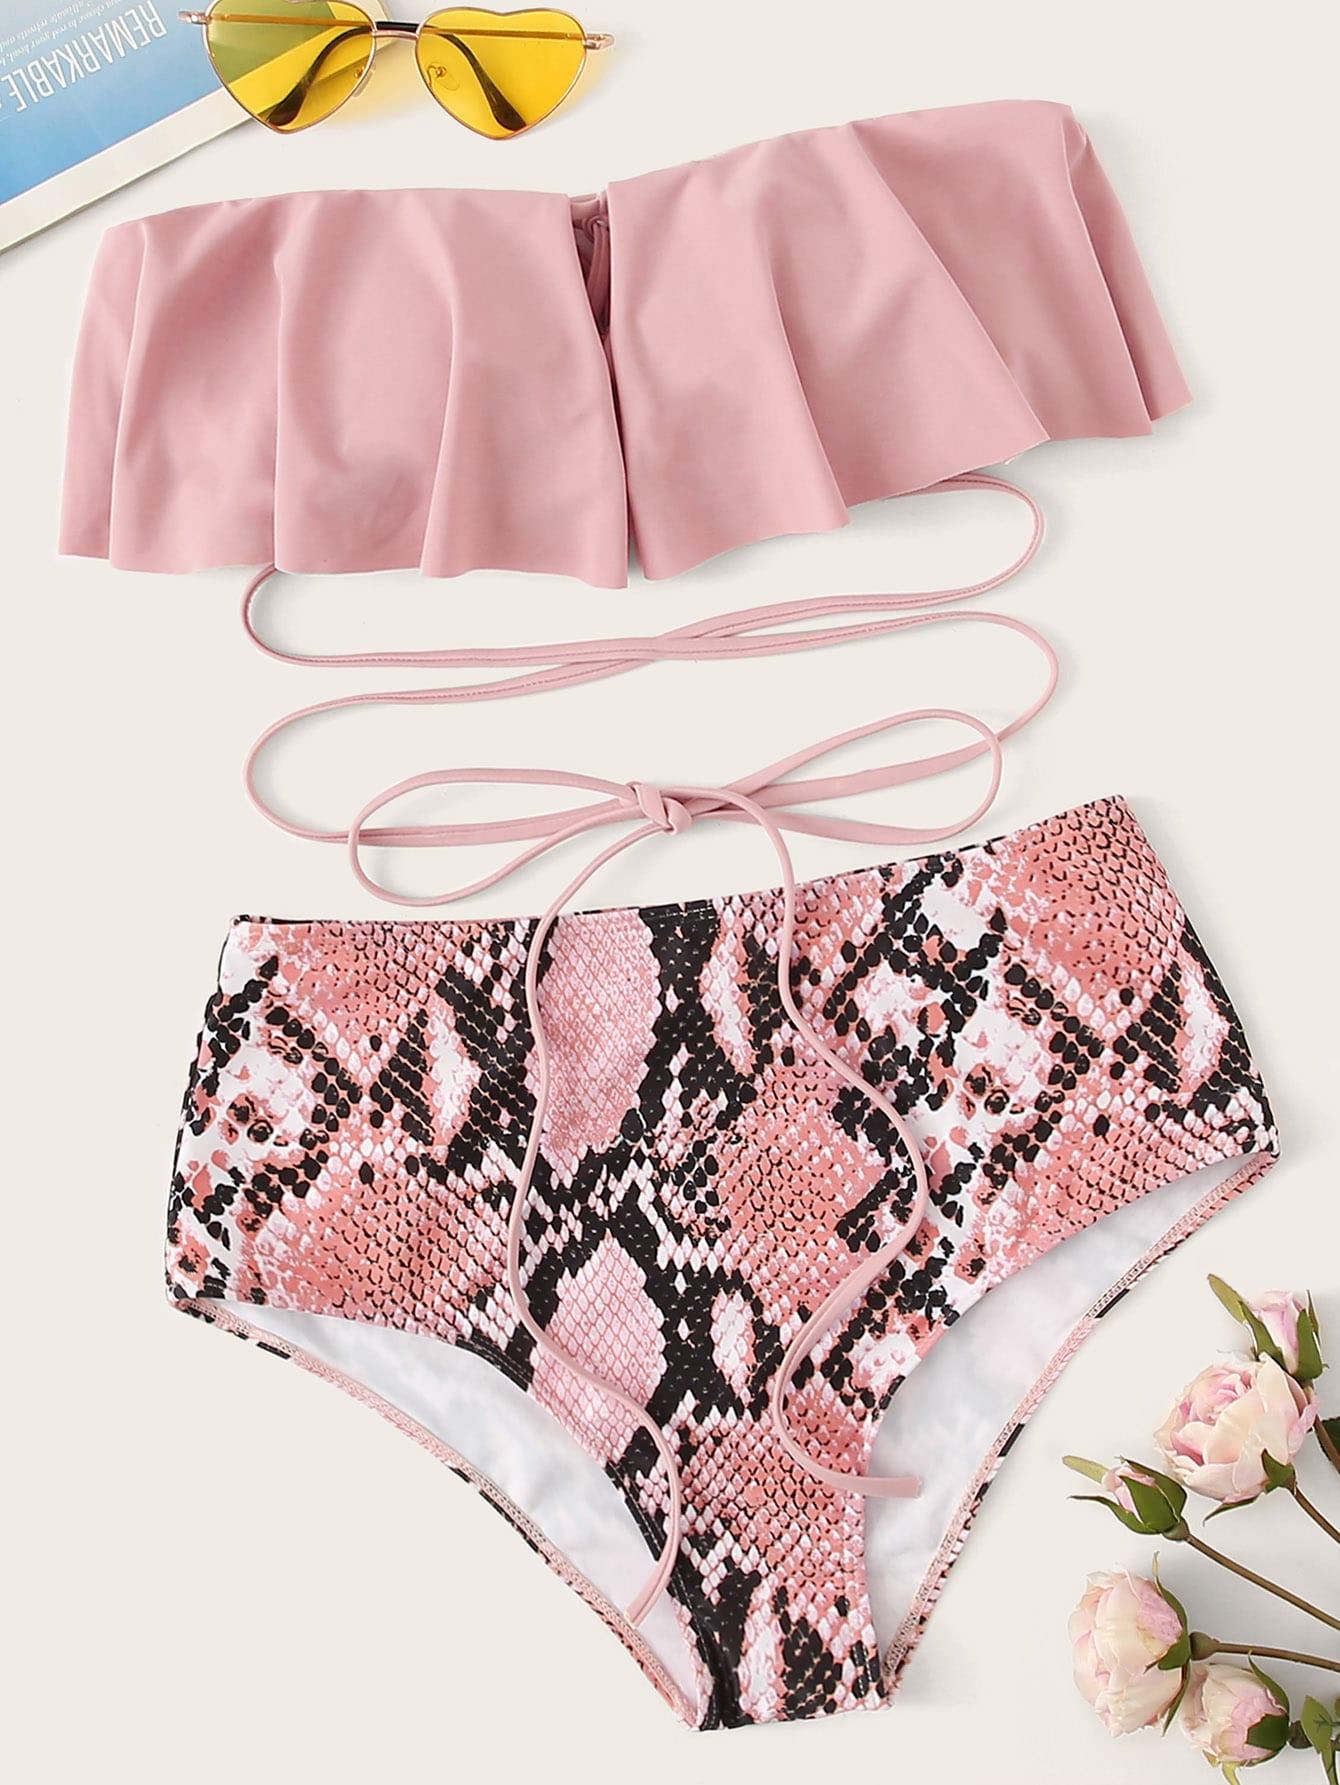 Фото - Бикини на шнуровке с высокой талией и змеиным принтом от SheIn розового цвета